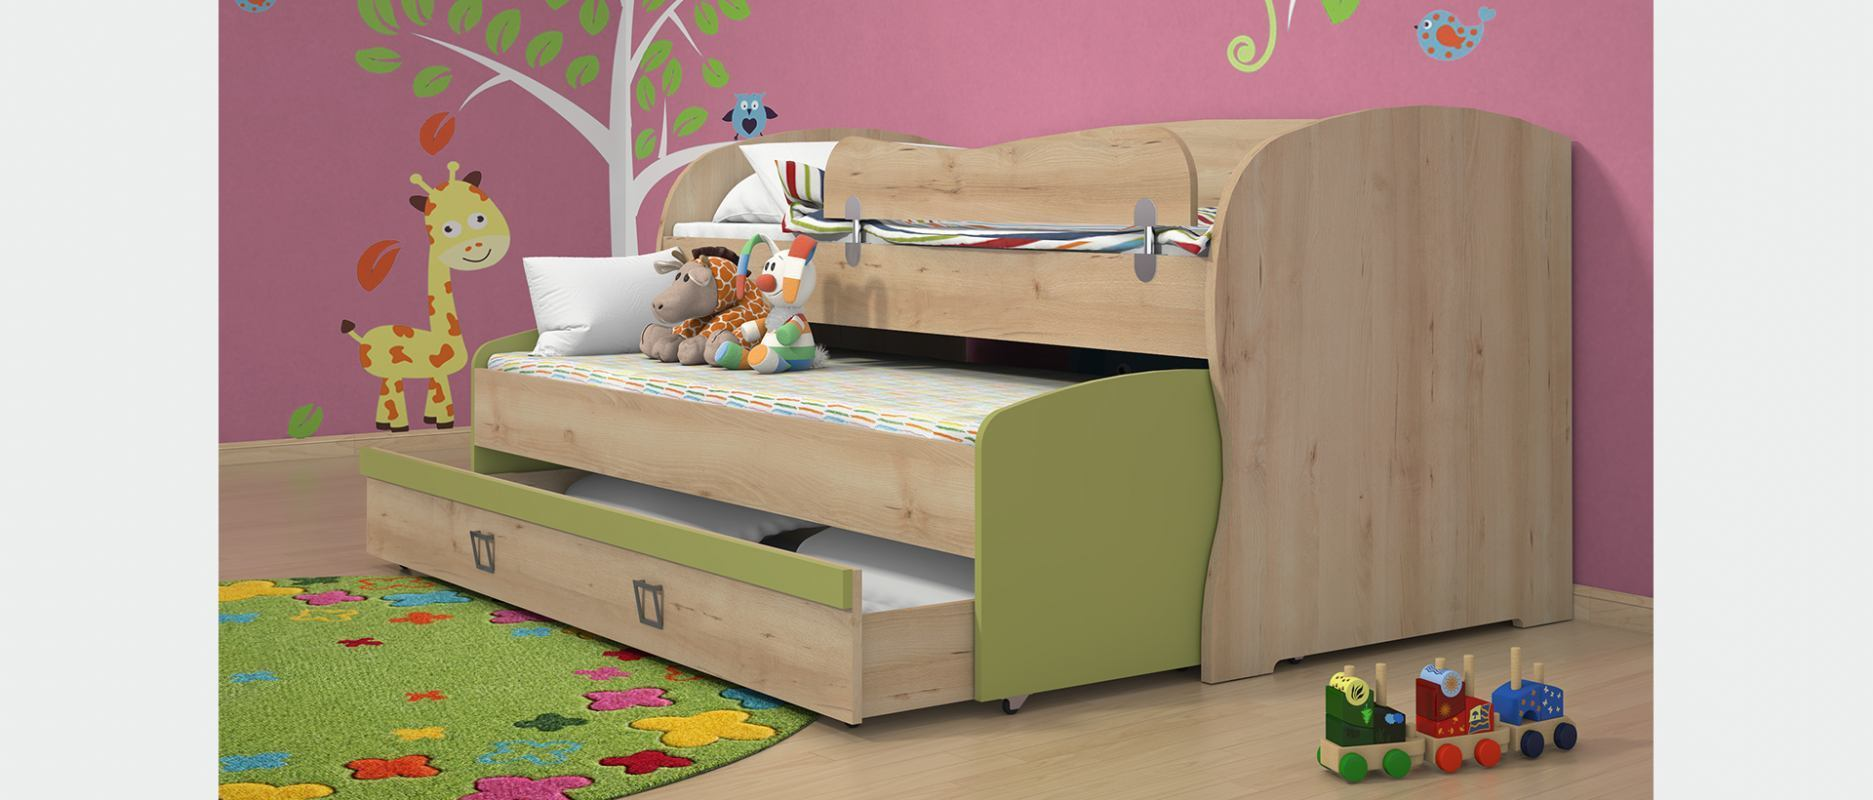 Dječje sobe Kiki